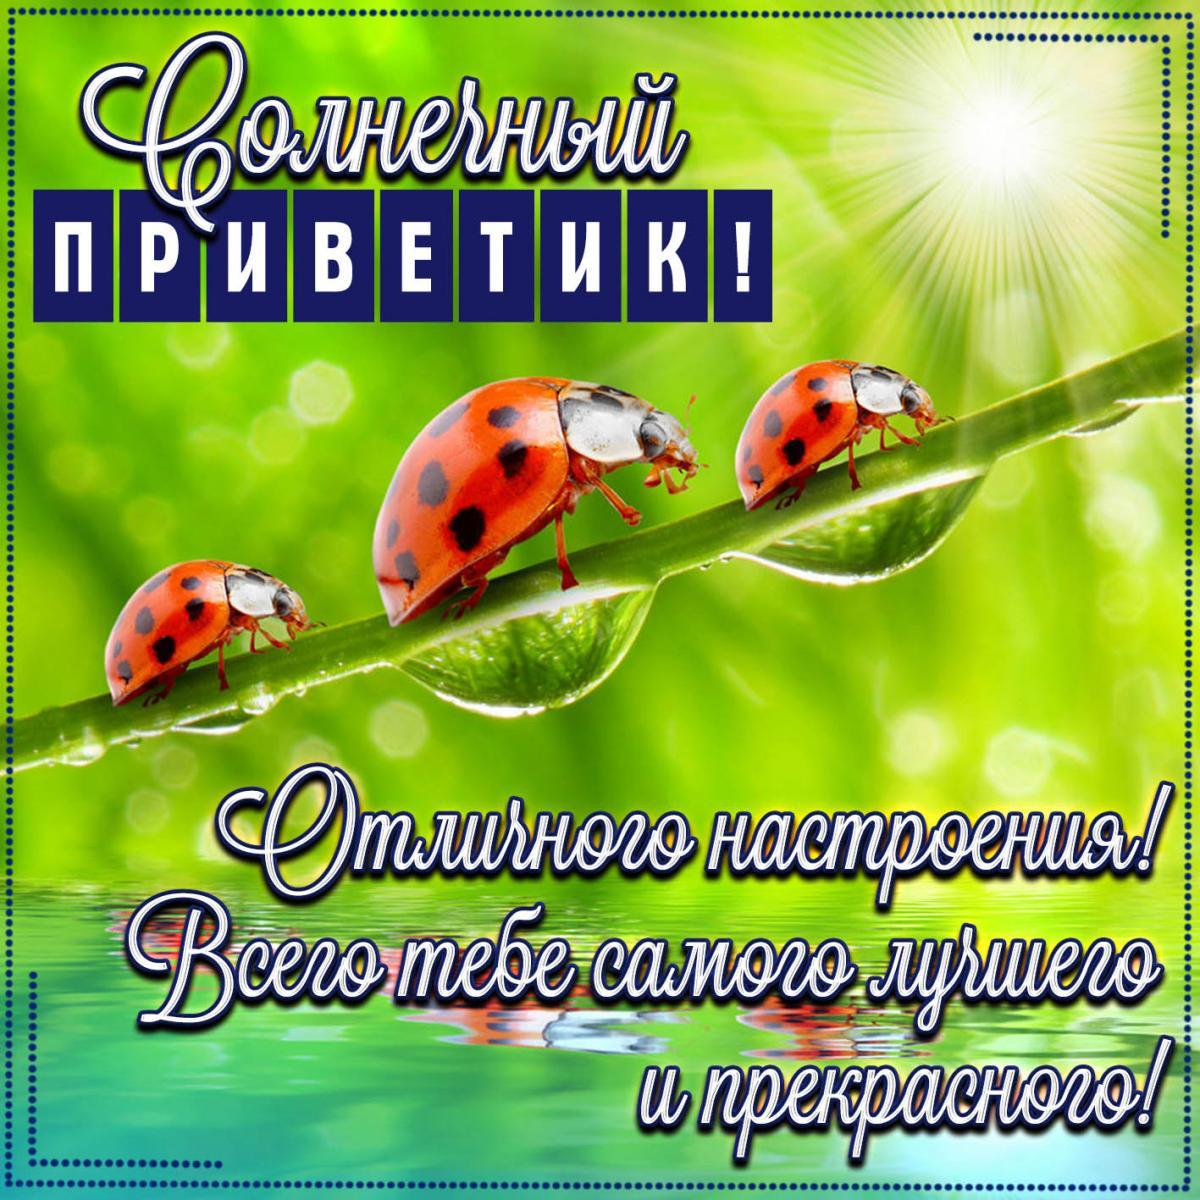 Прикольные открытки привет / фото fresh-cards.ru